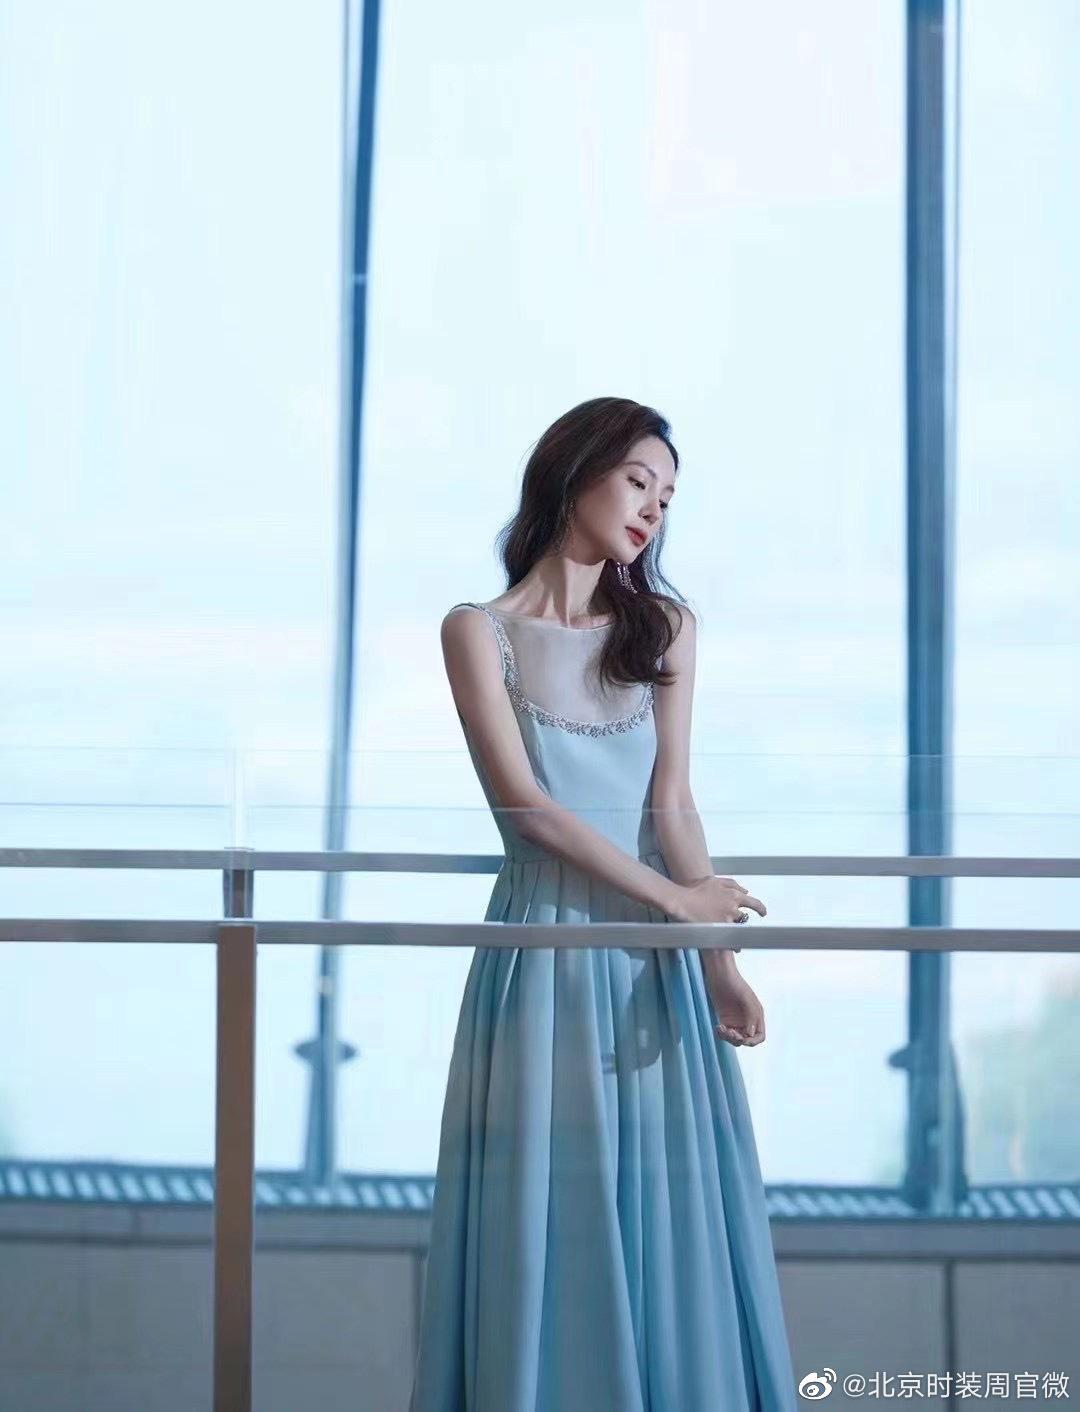 今晚, 身穿Prada饰水晶礼服出席时尚活动,风姿卓越,淡雅迷人